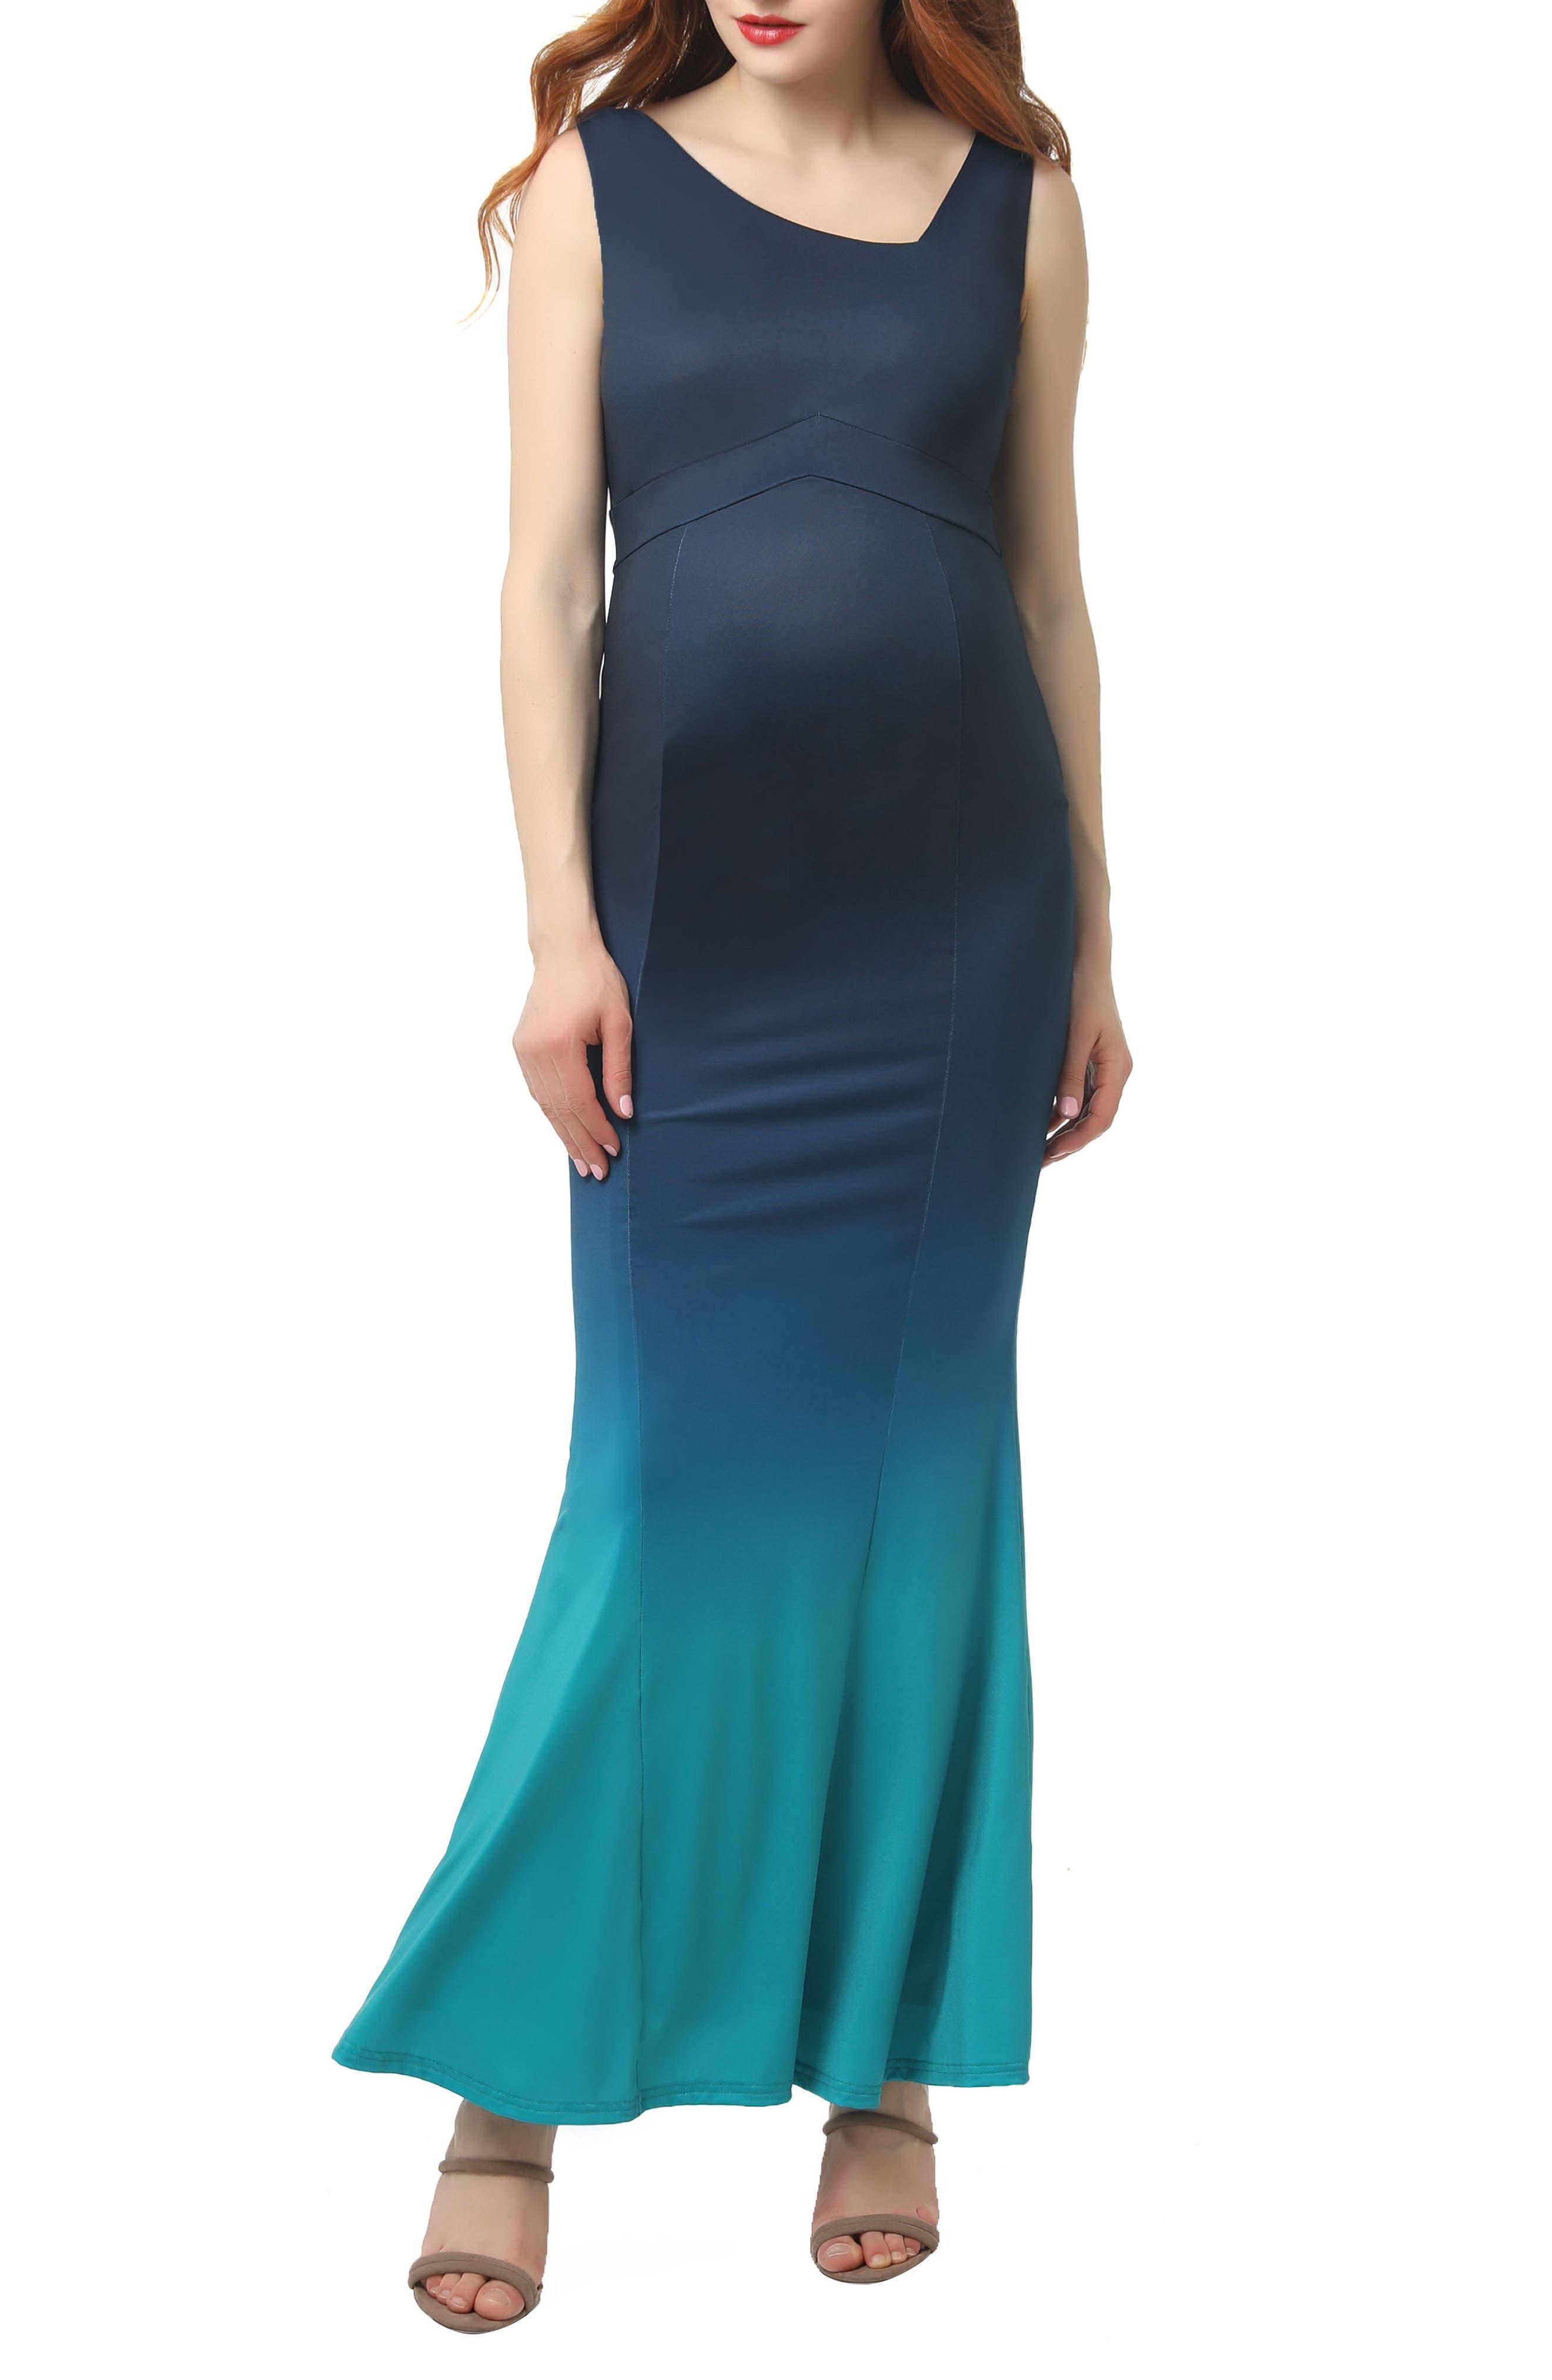 Kimi And Kai Kyla Ombre Maternity Mermaid Maxi Dress, Blue/green